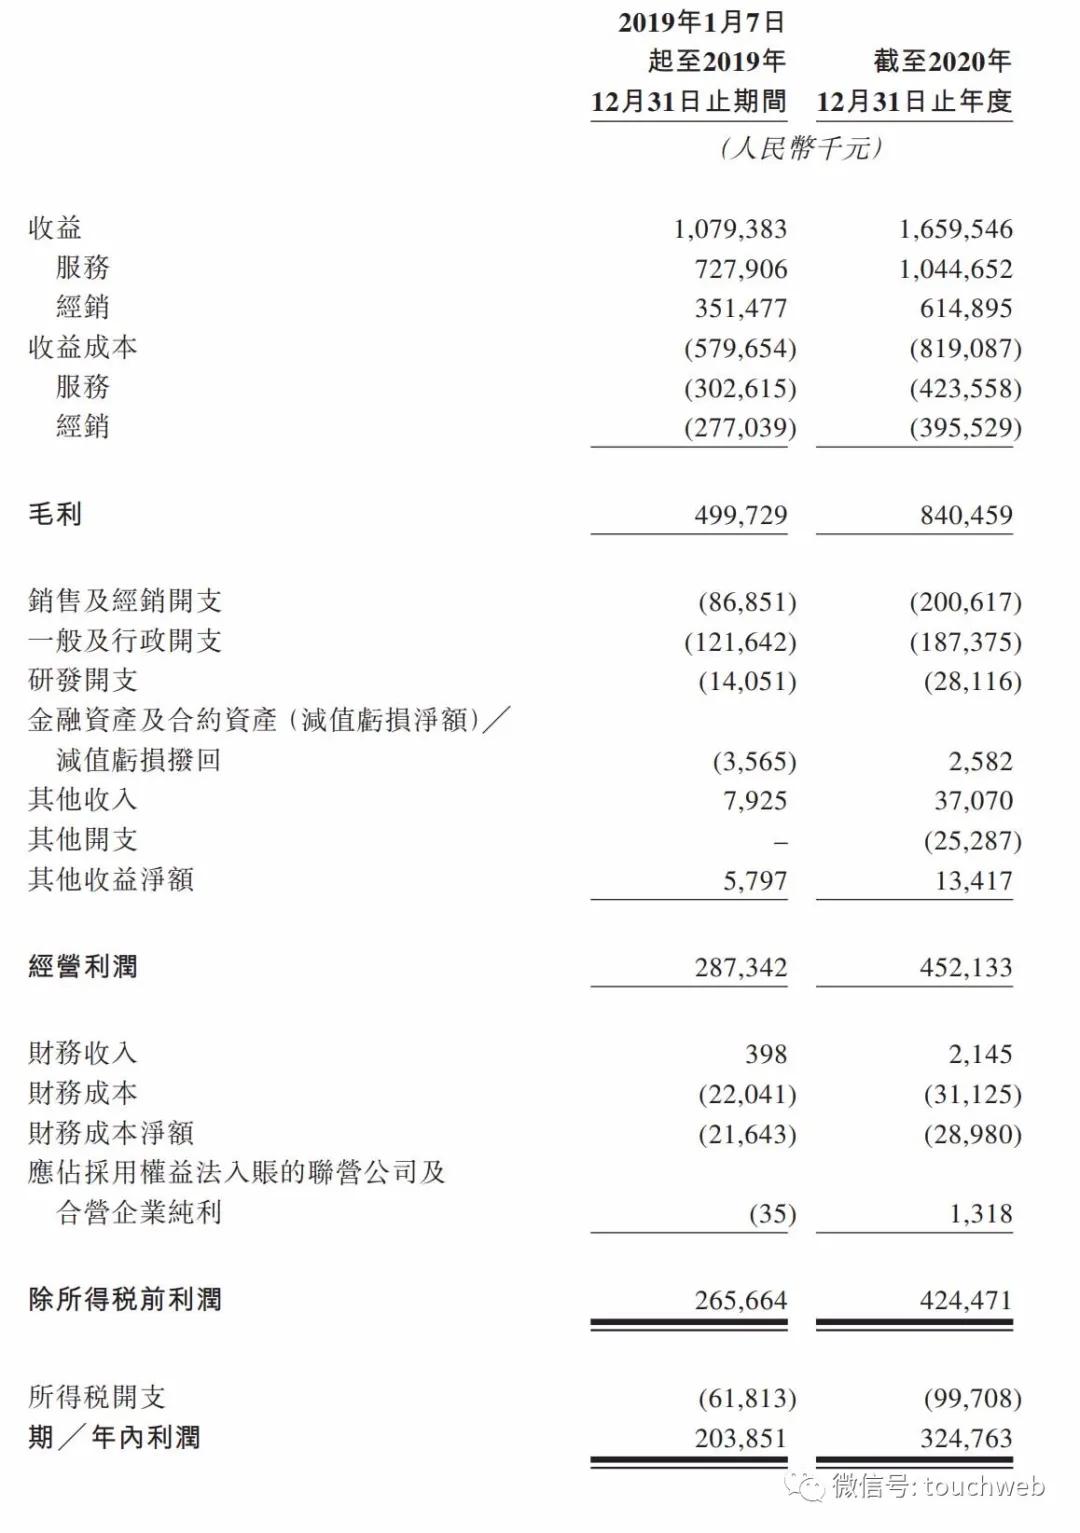 美妆品牌电商服务商悠可集团通过聆讯:年营收超16亿